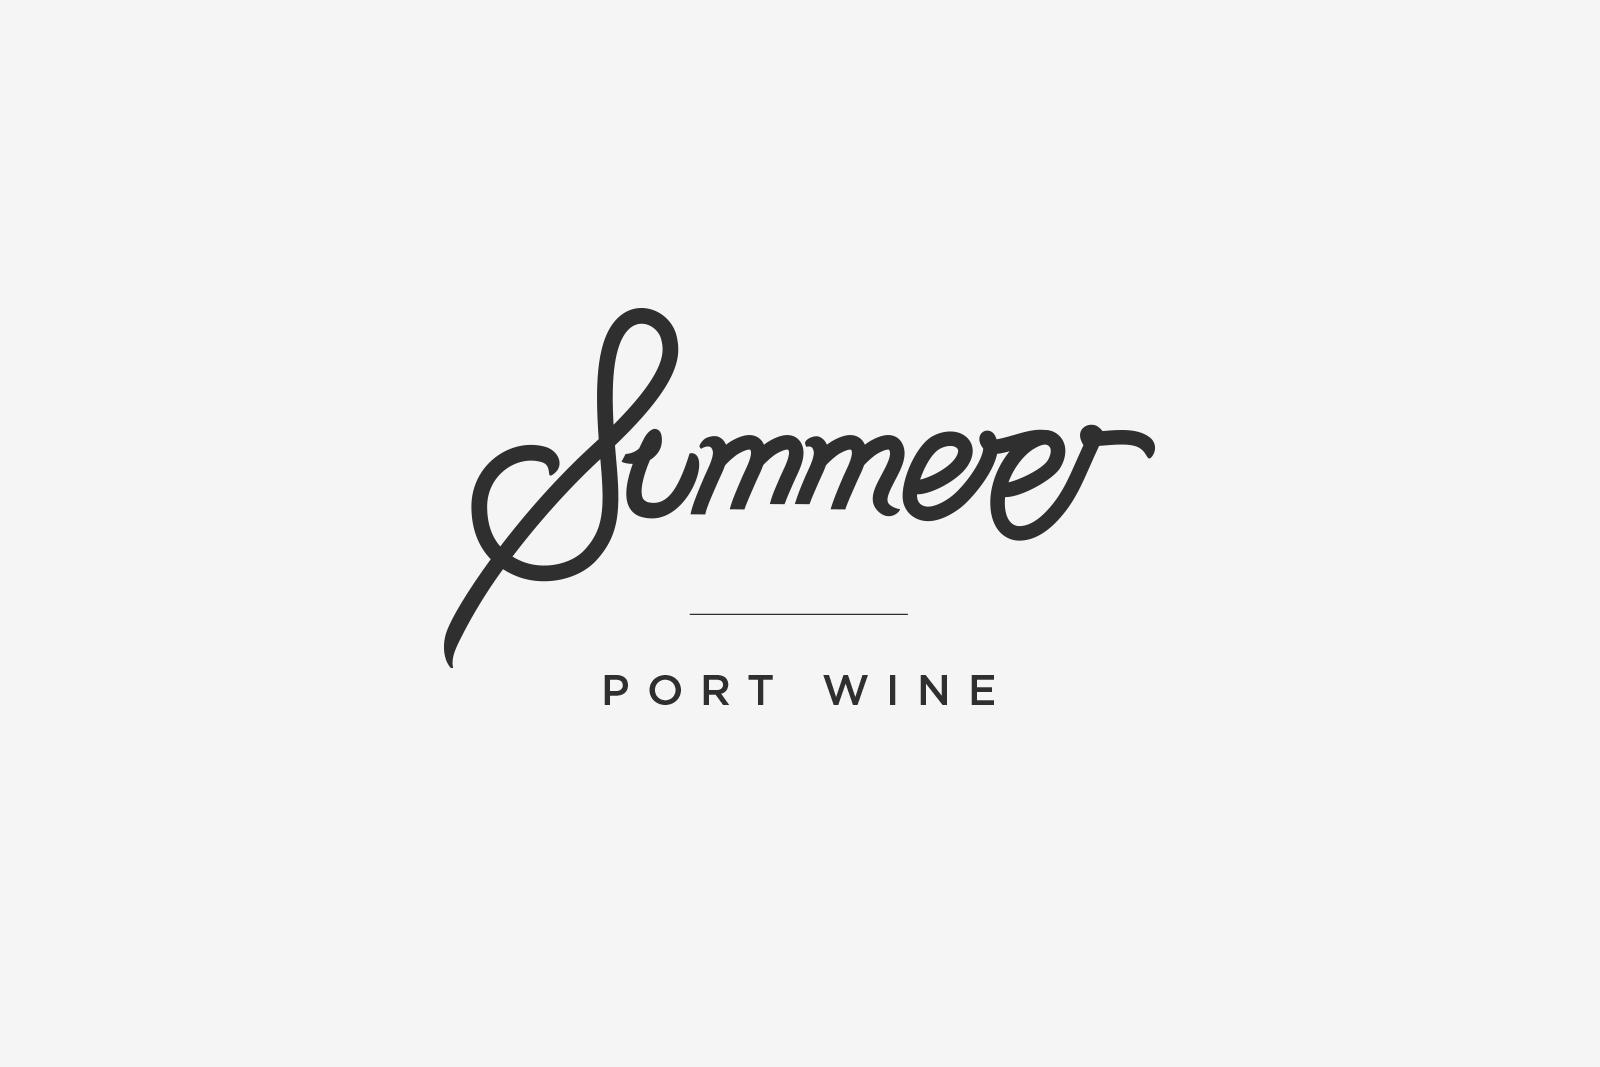 Logo Summerer Port Bw